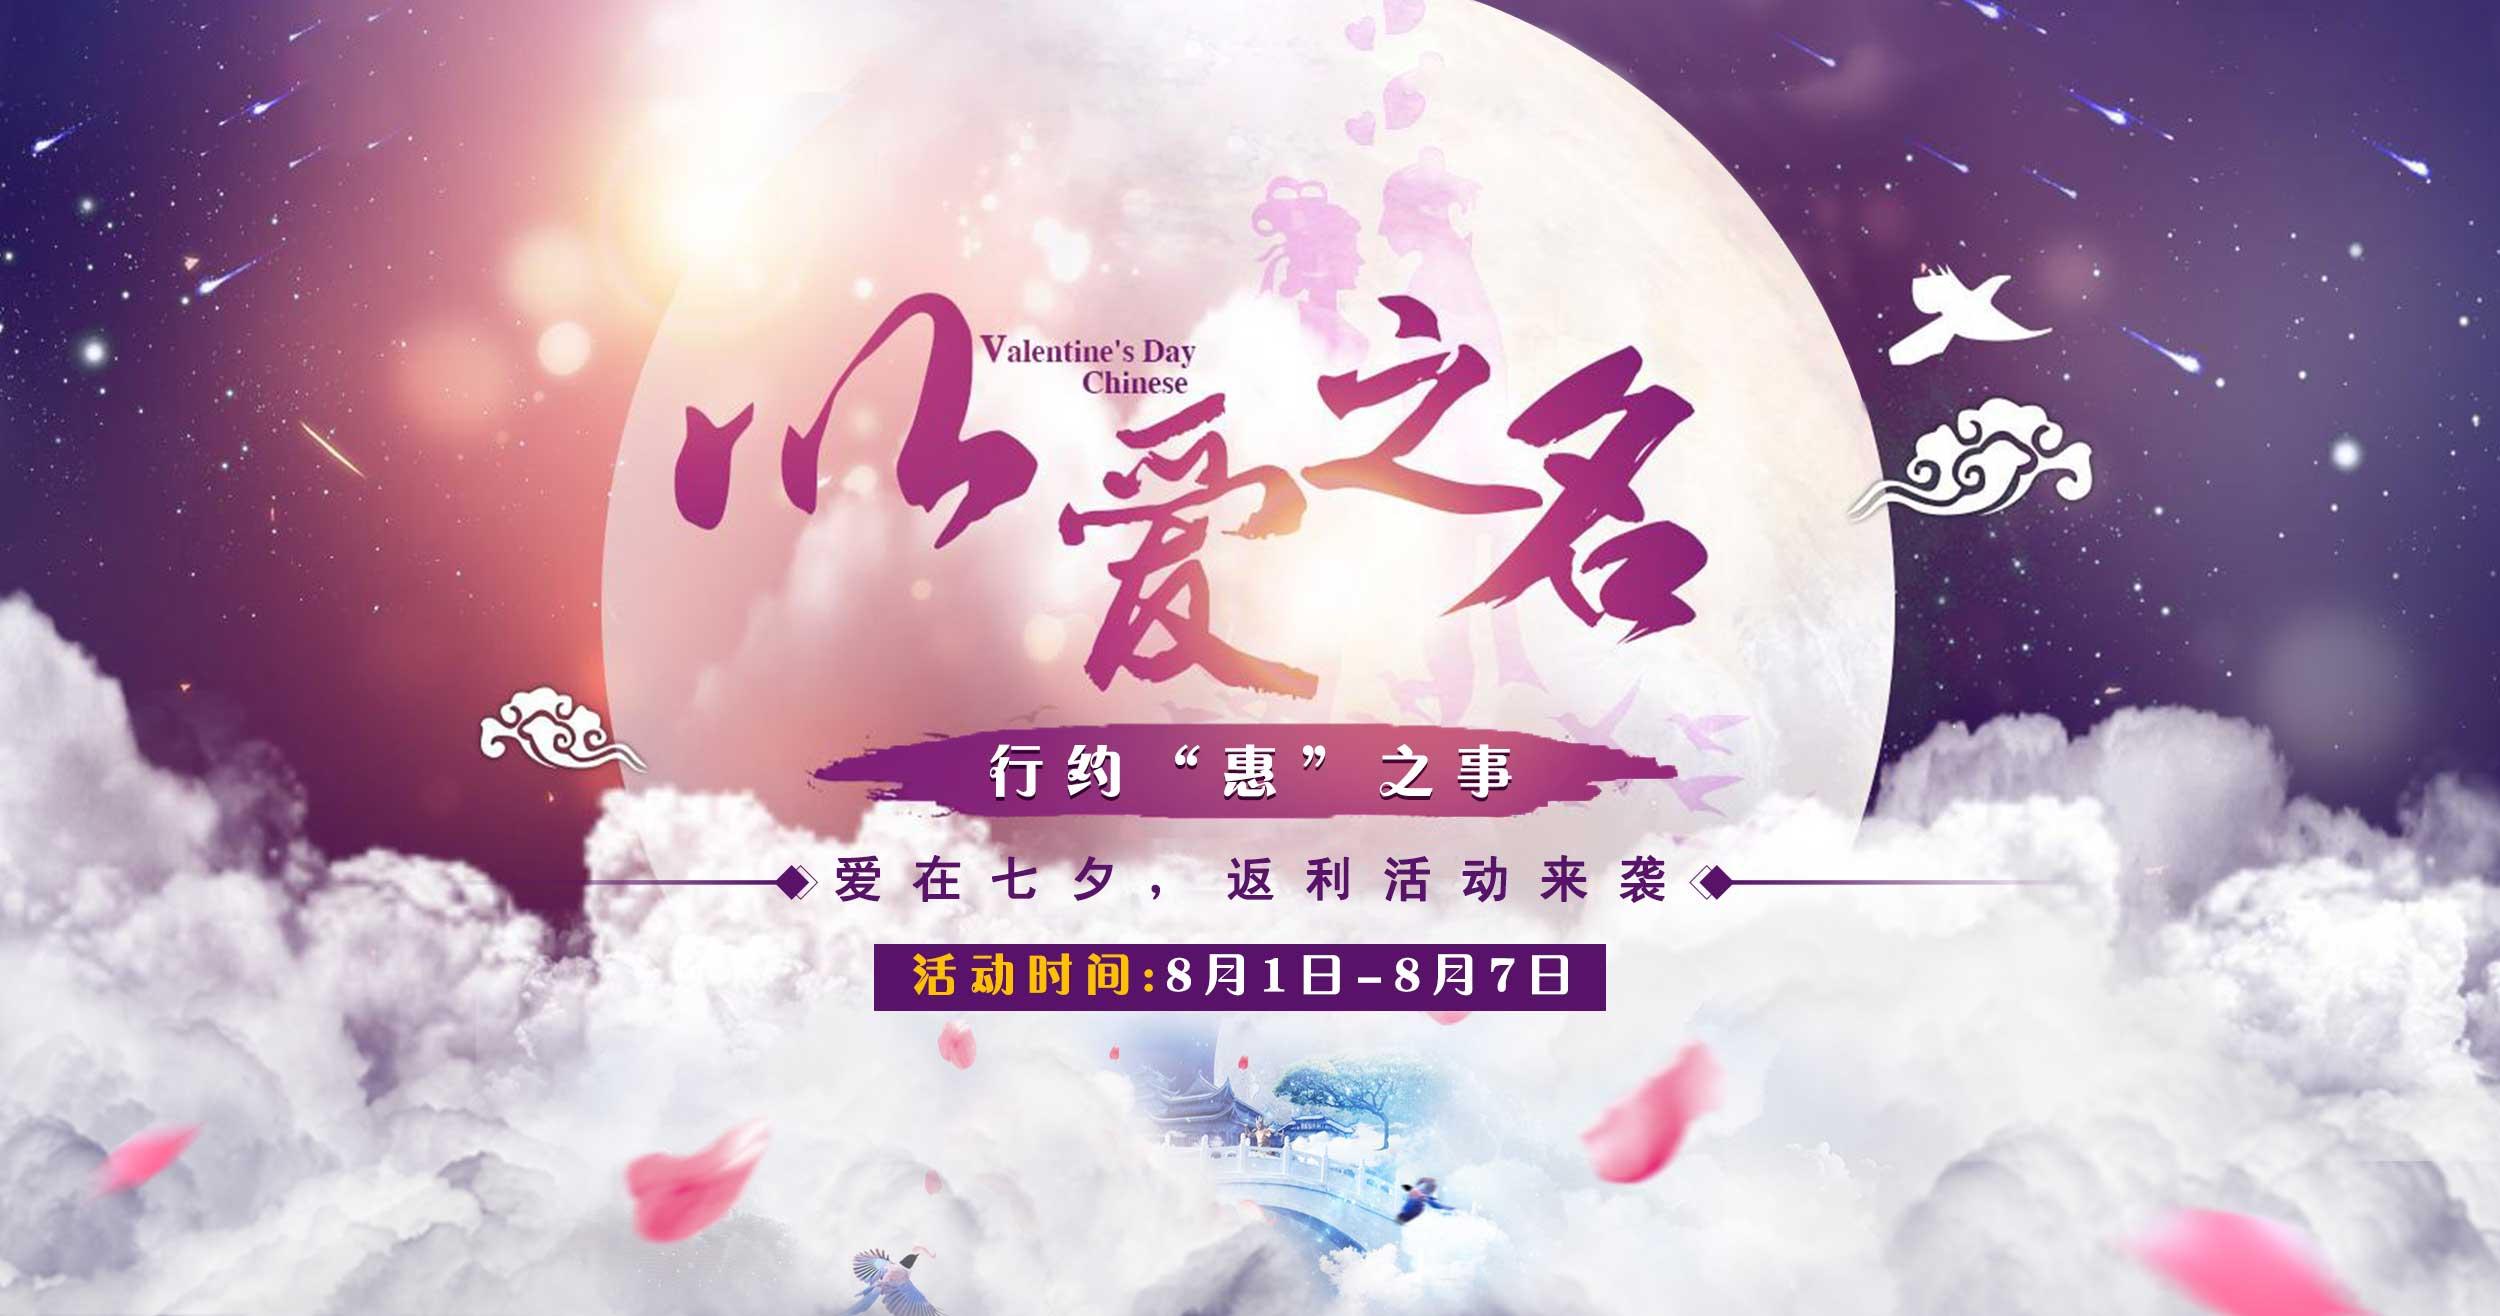 """3733游戏『以爱之名,行约""""惠""""之事』(活动时间8月2日~8月5日)"""